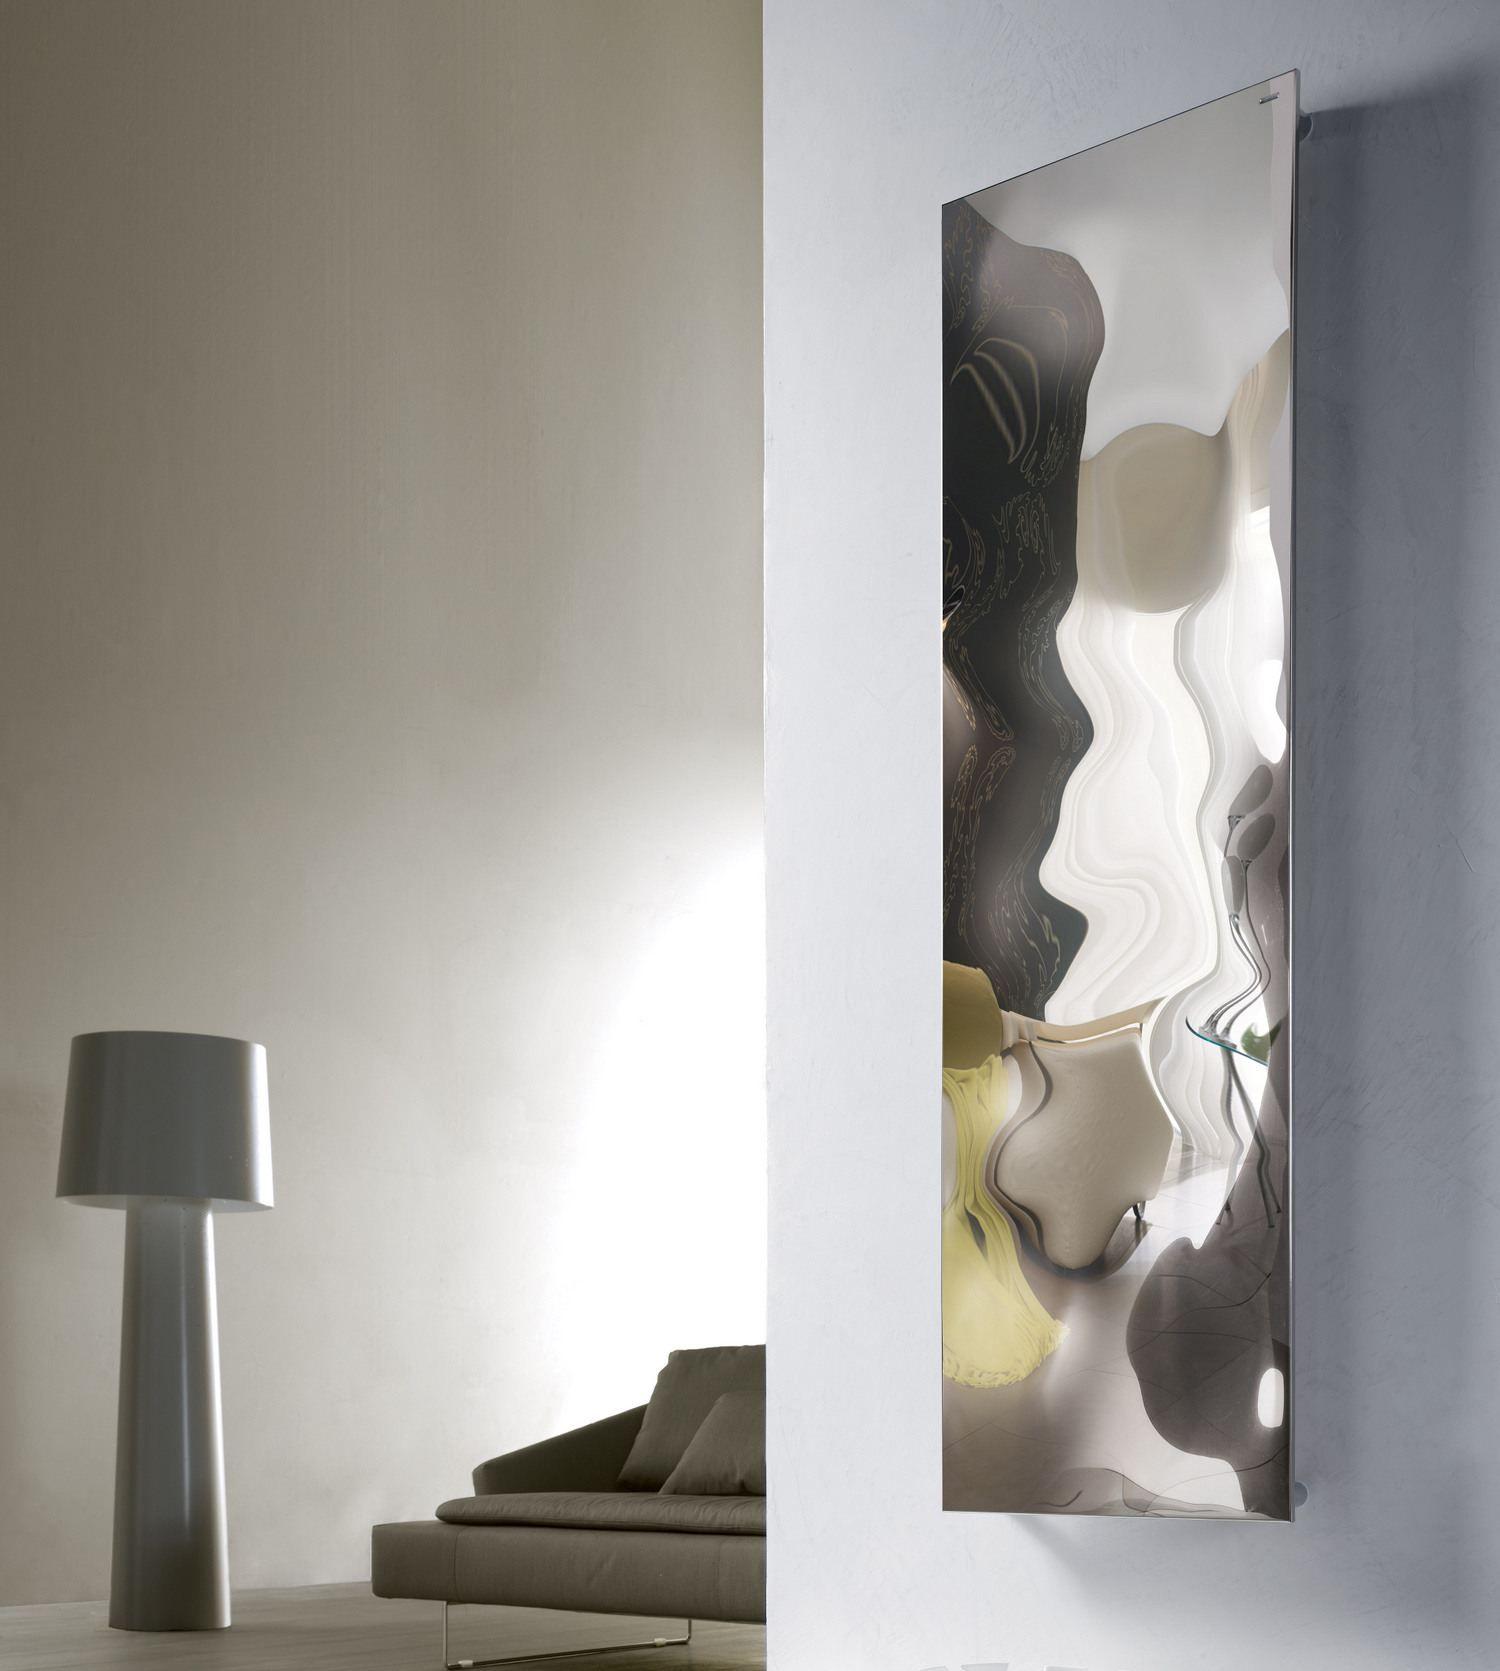 Termoarredo in acciaio lucido blow vt by cordivari design jean marie massaud - Radiatori bagno orizzontali ...